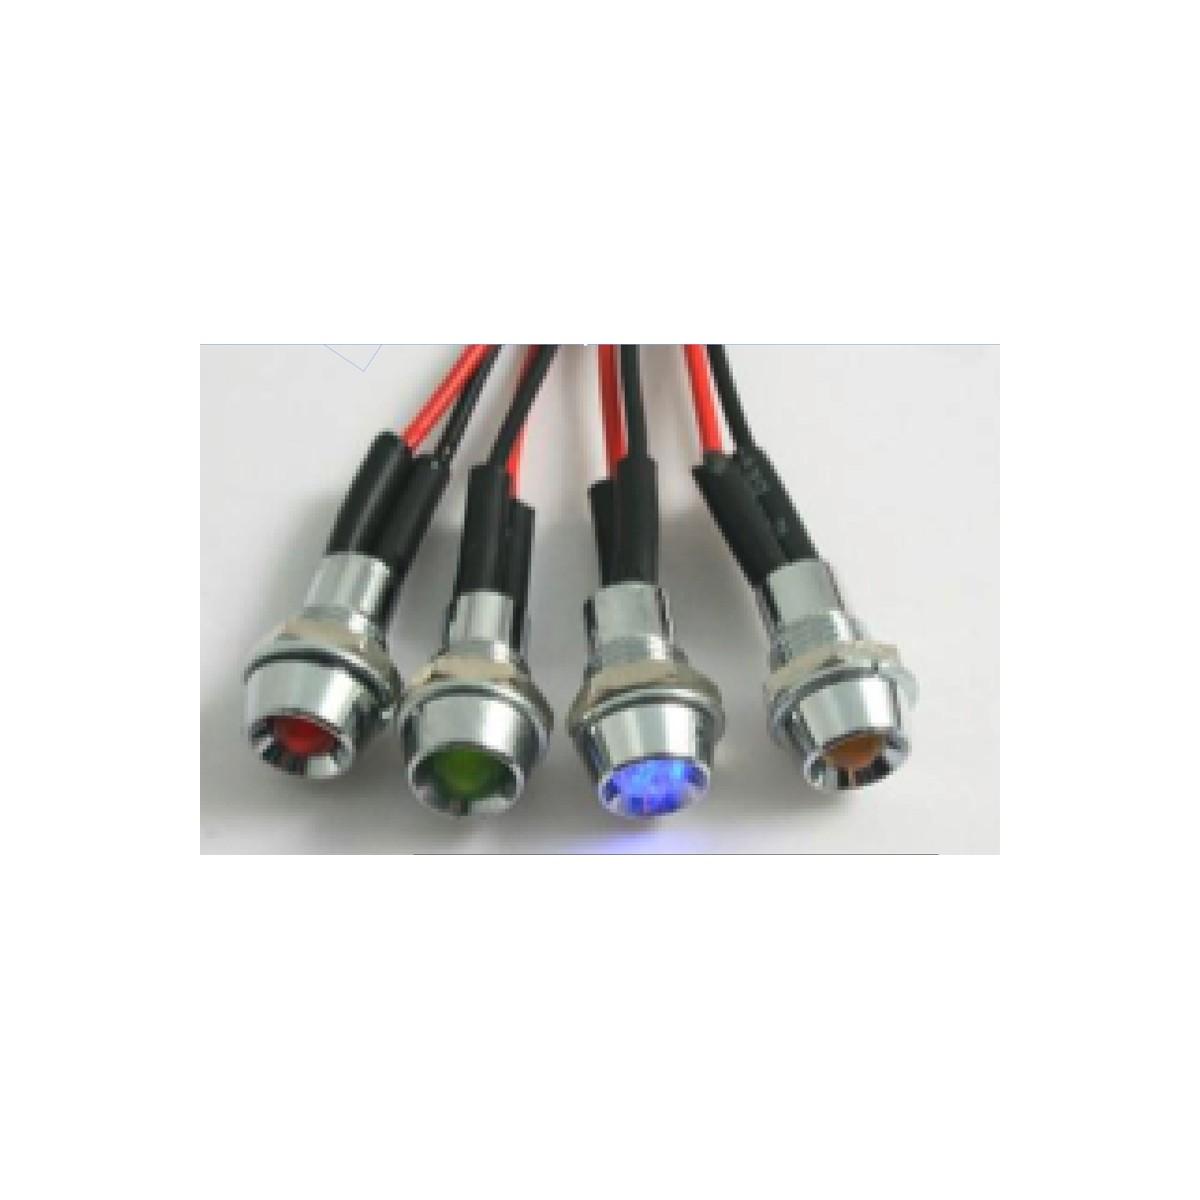 Mini voyant led MAD de couleur rouge, bleu, vert et orange.